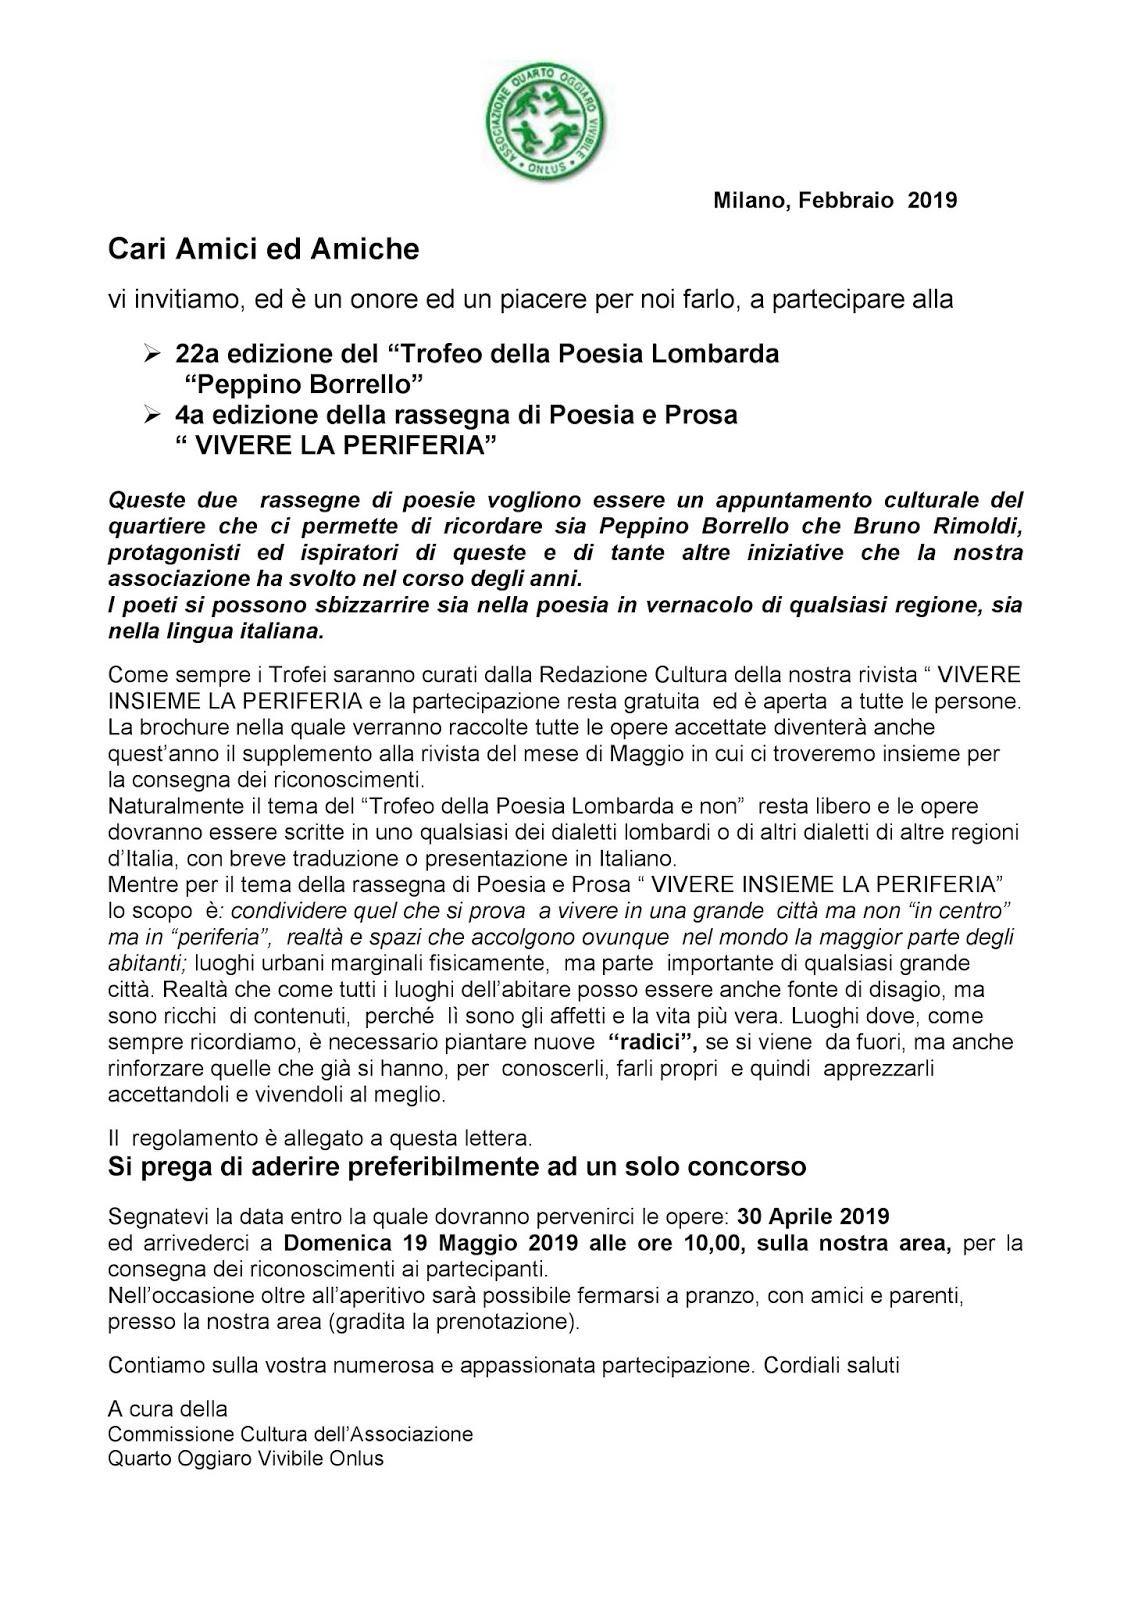 Associazione Quarto Oggiaro Vivibile Febbraio 2019